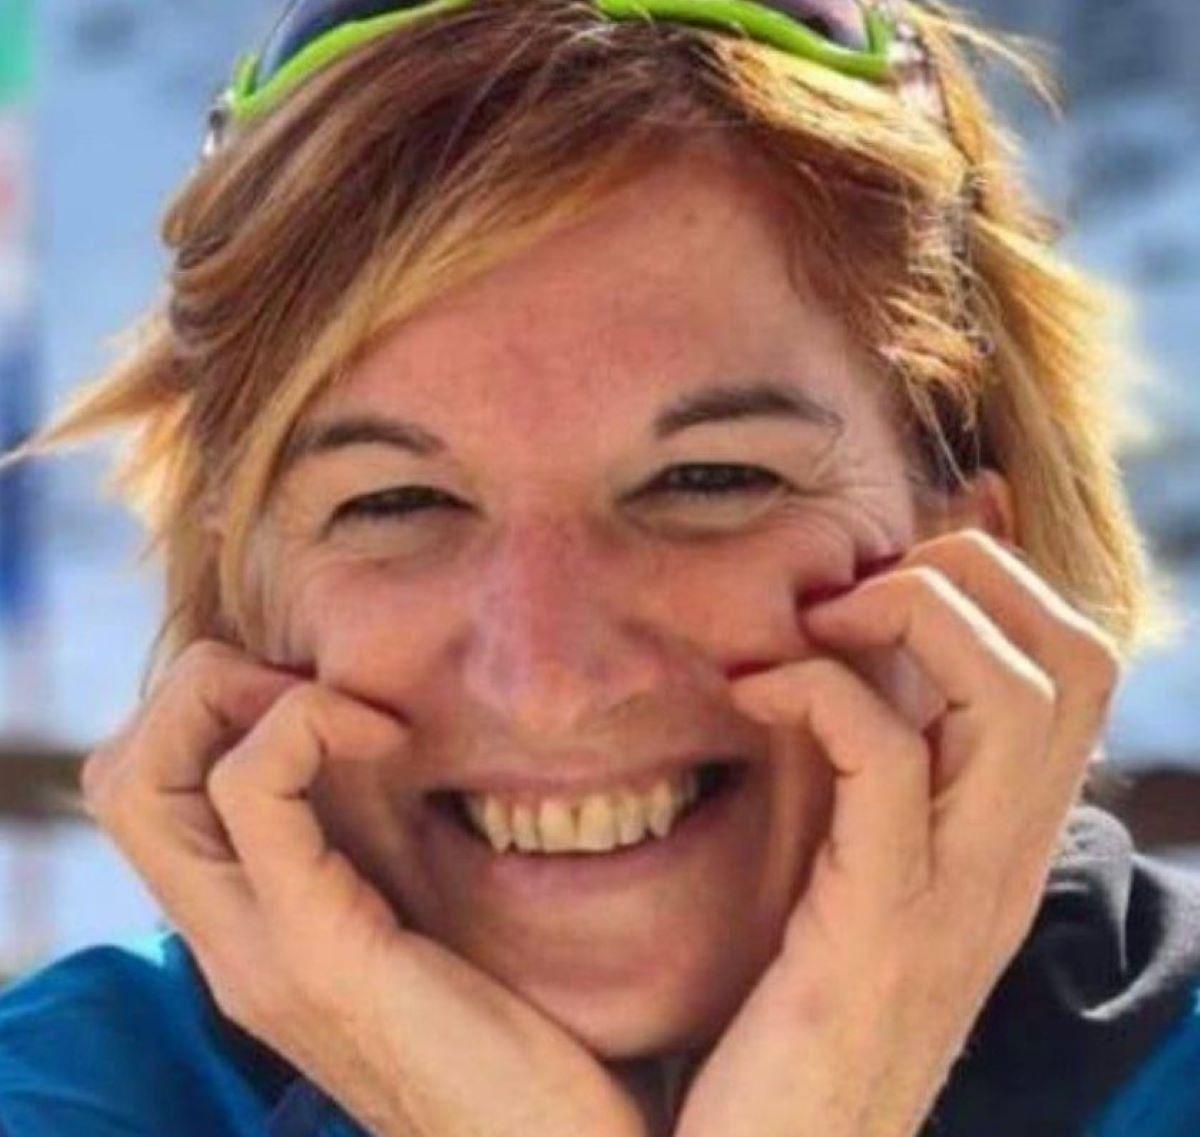 Laura Ziliani Morta Temù Scomparsa 8 maggio